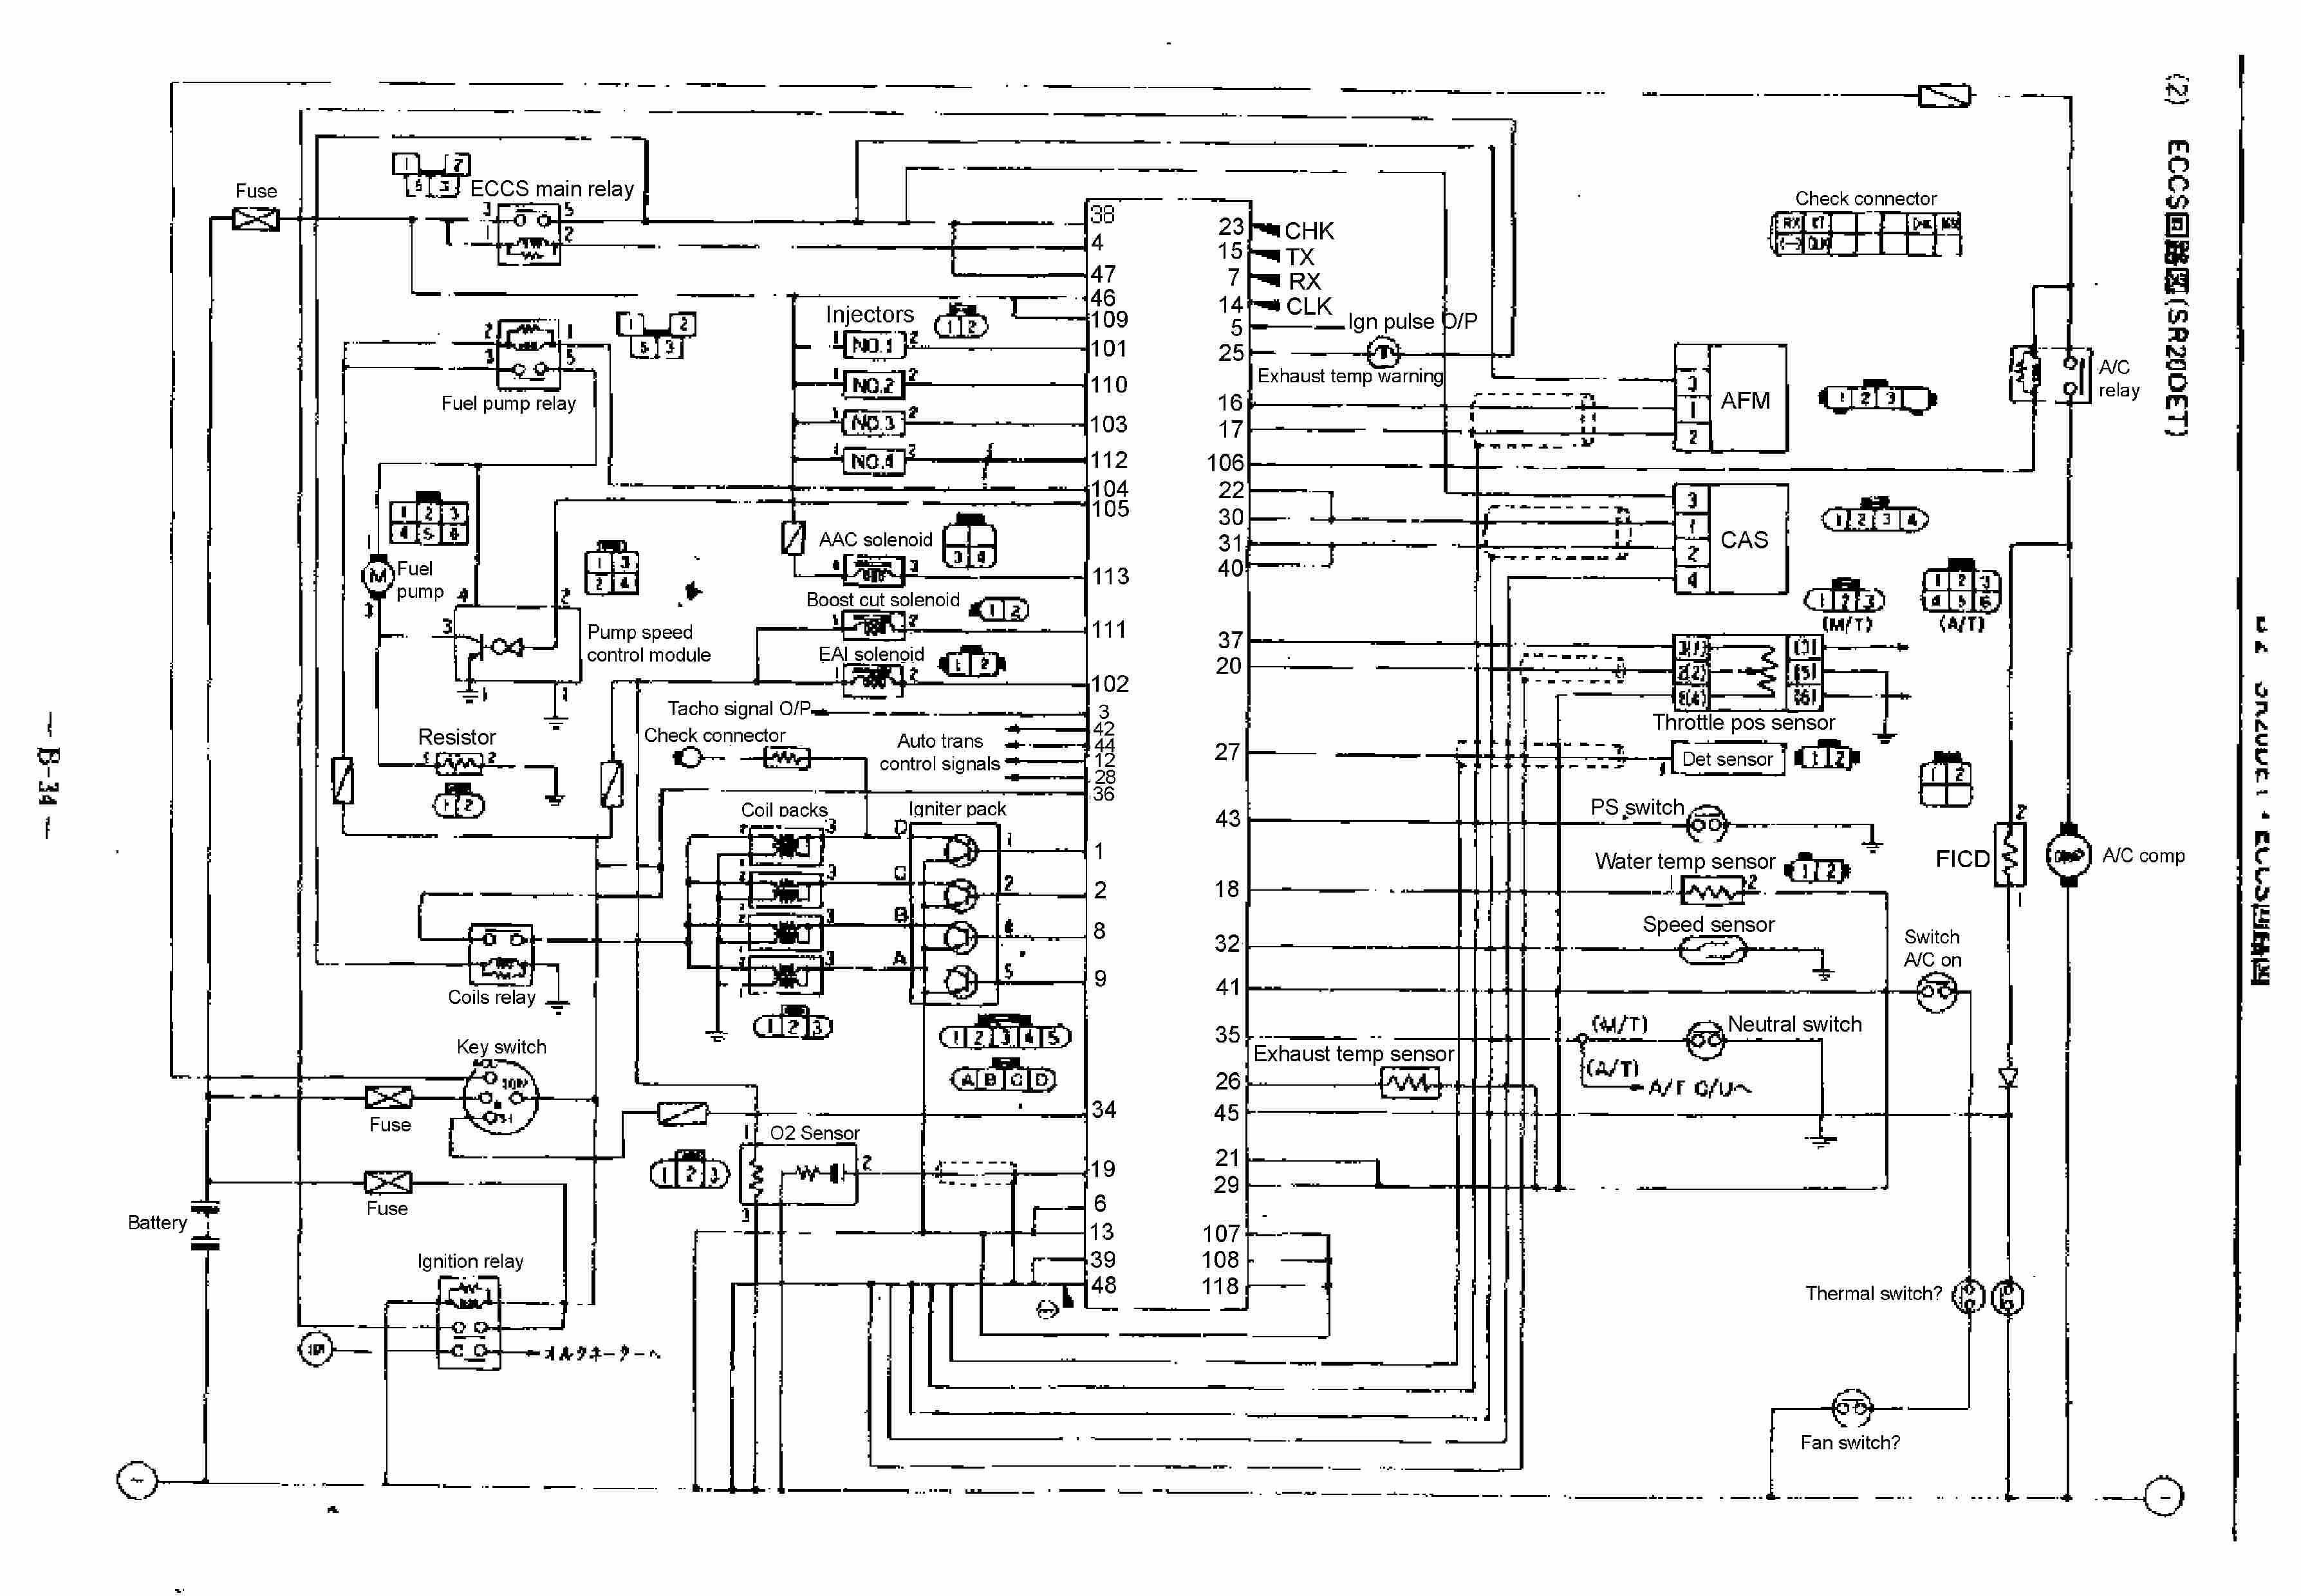 Jaguar Alternator Wiring Diagram Fresh Diagram A Car Unique Car Parts And Diagrams Insignia Se 2 0d – My